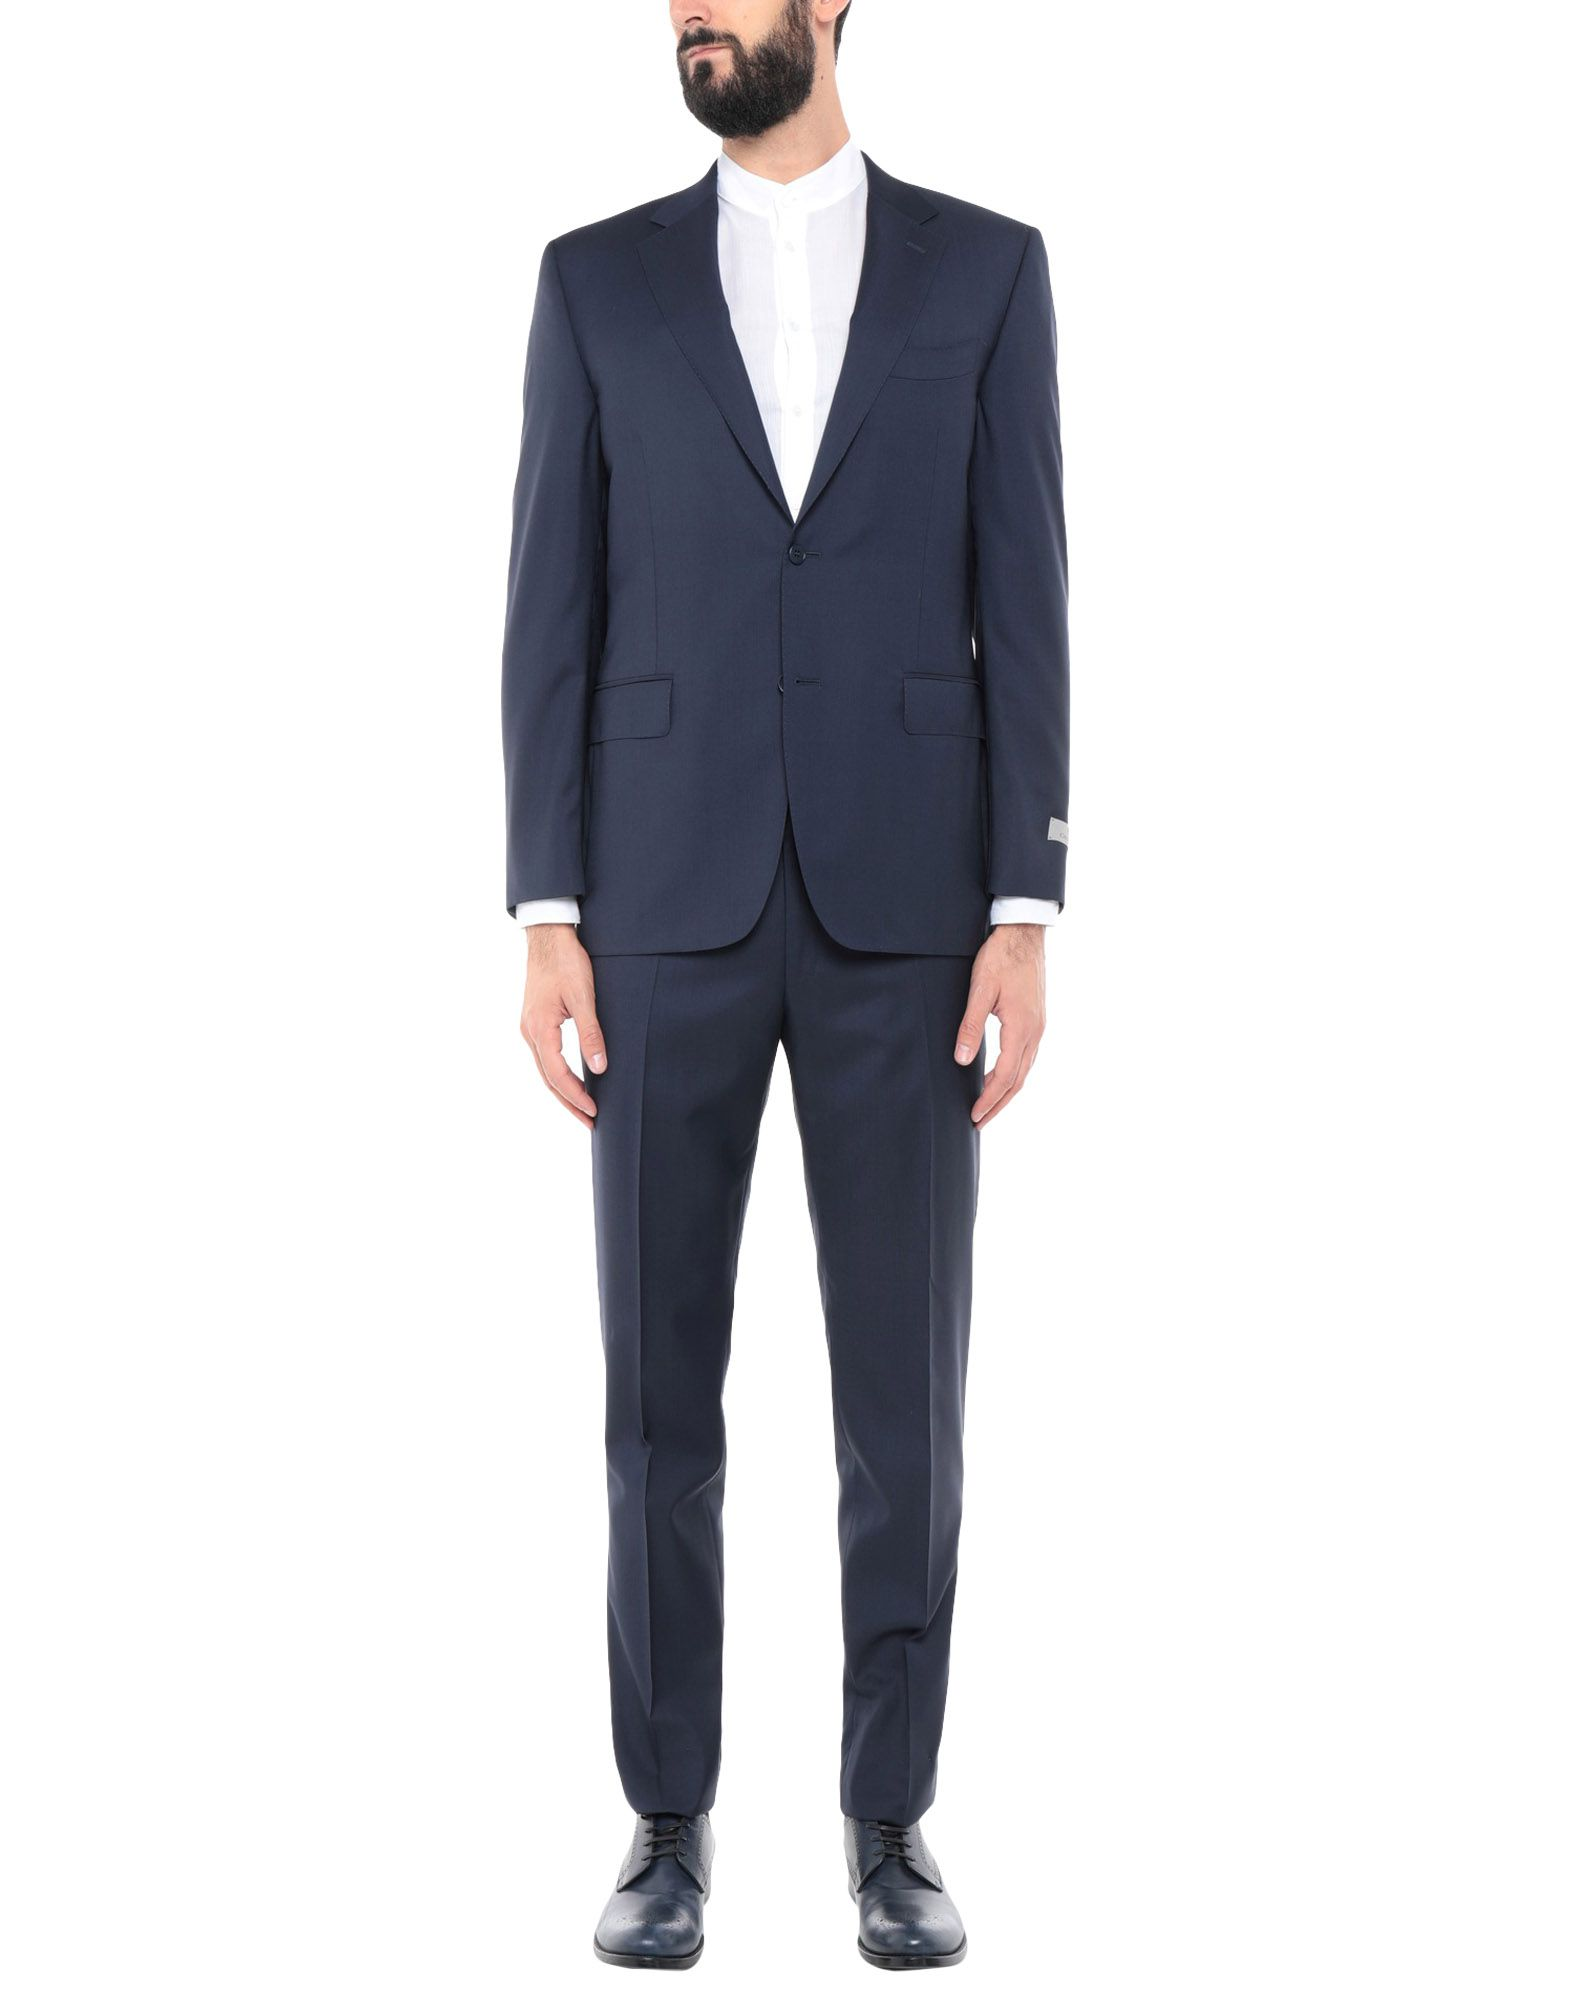 《送料無料》CANALI メンズ スーツ ダークブルー 56 ウール 100%